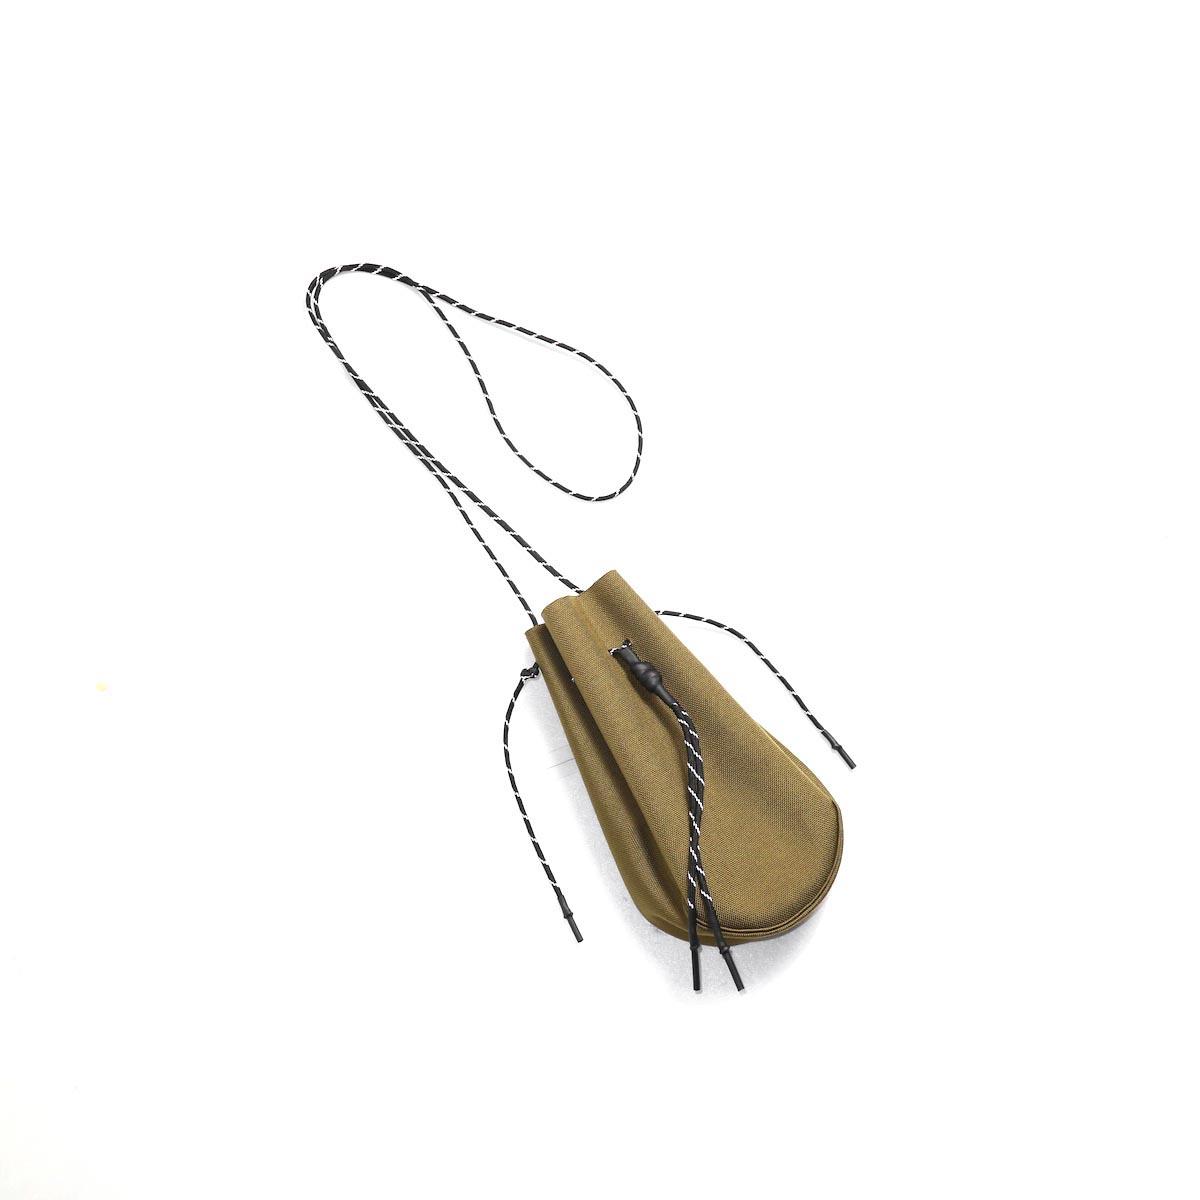 吉岡衣料店 / drawstring bag -S-. (Coyote Brown)